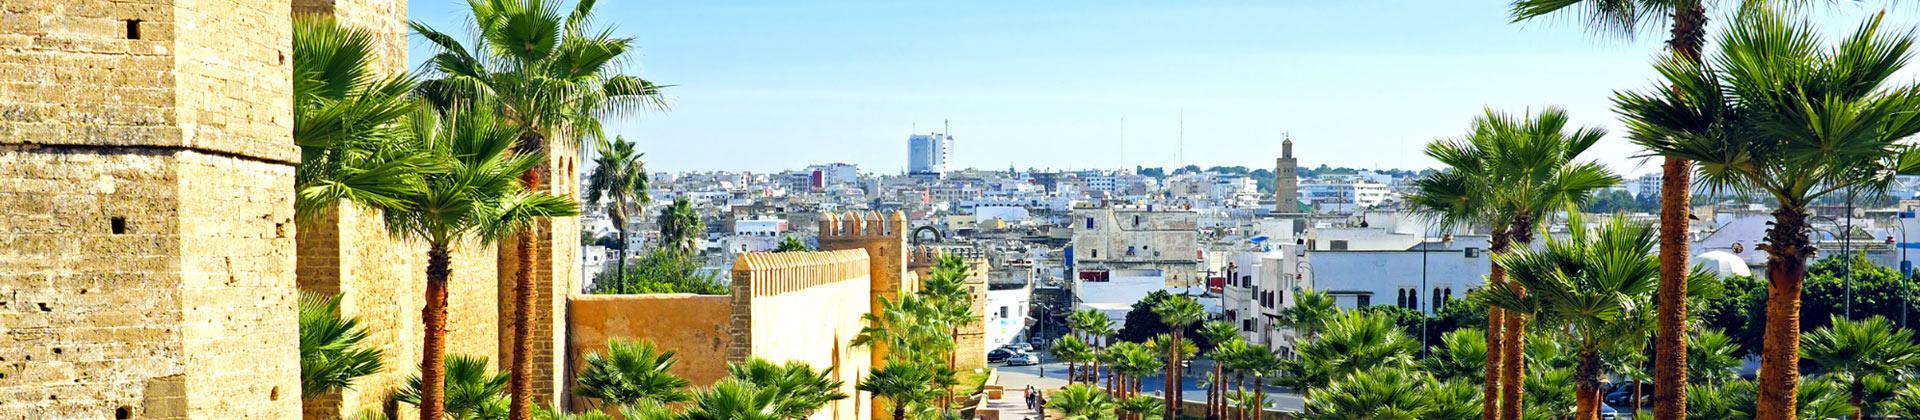 Stad in Marokko